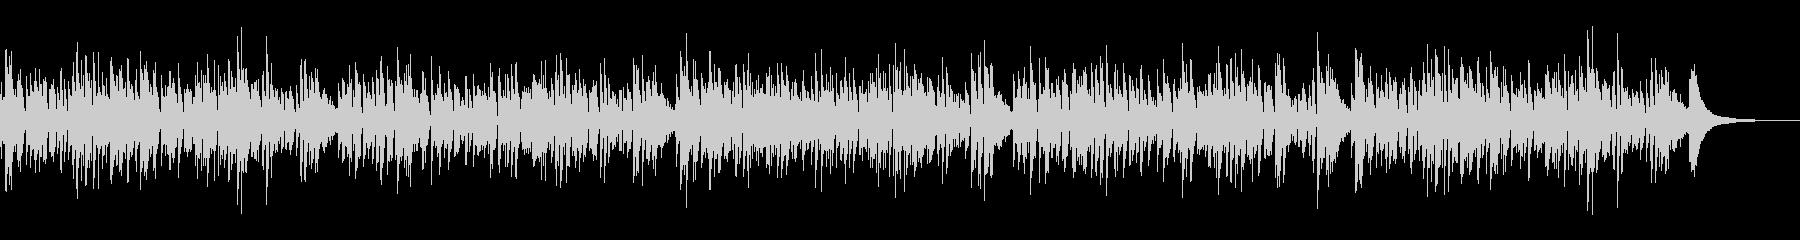 おしゃれ系アコースティックギターボサノバ 2の未再生の波形